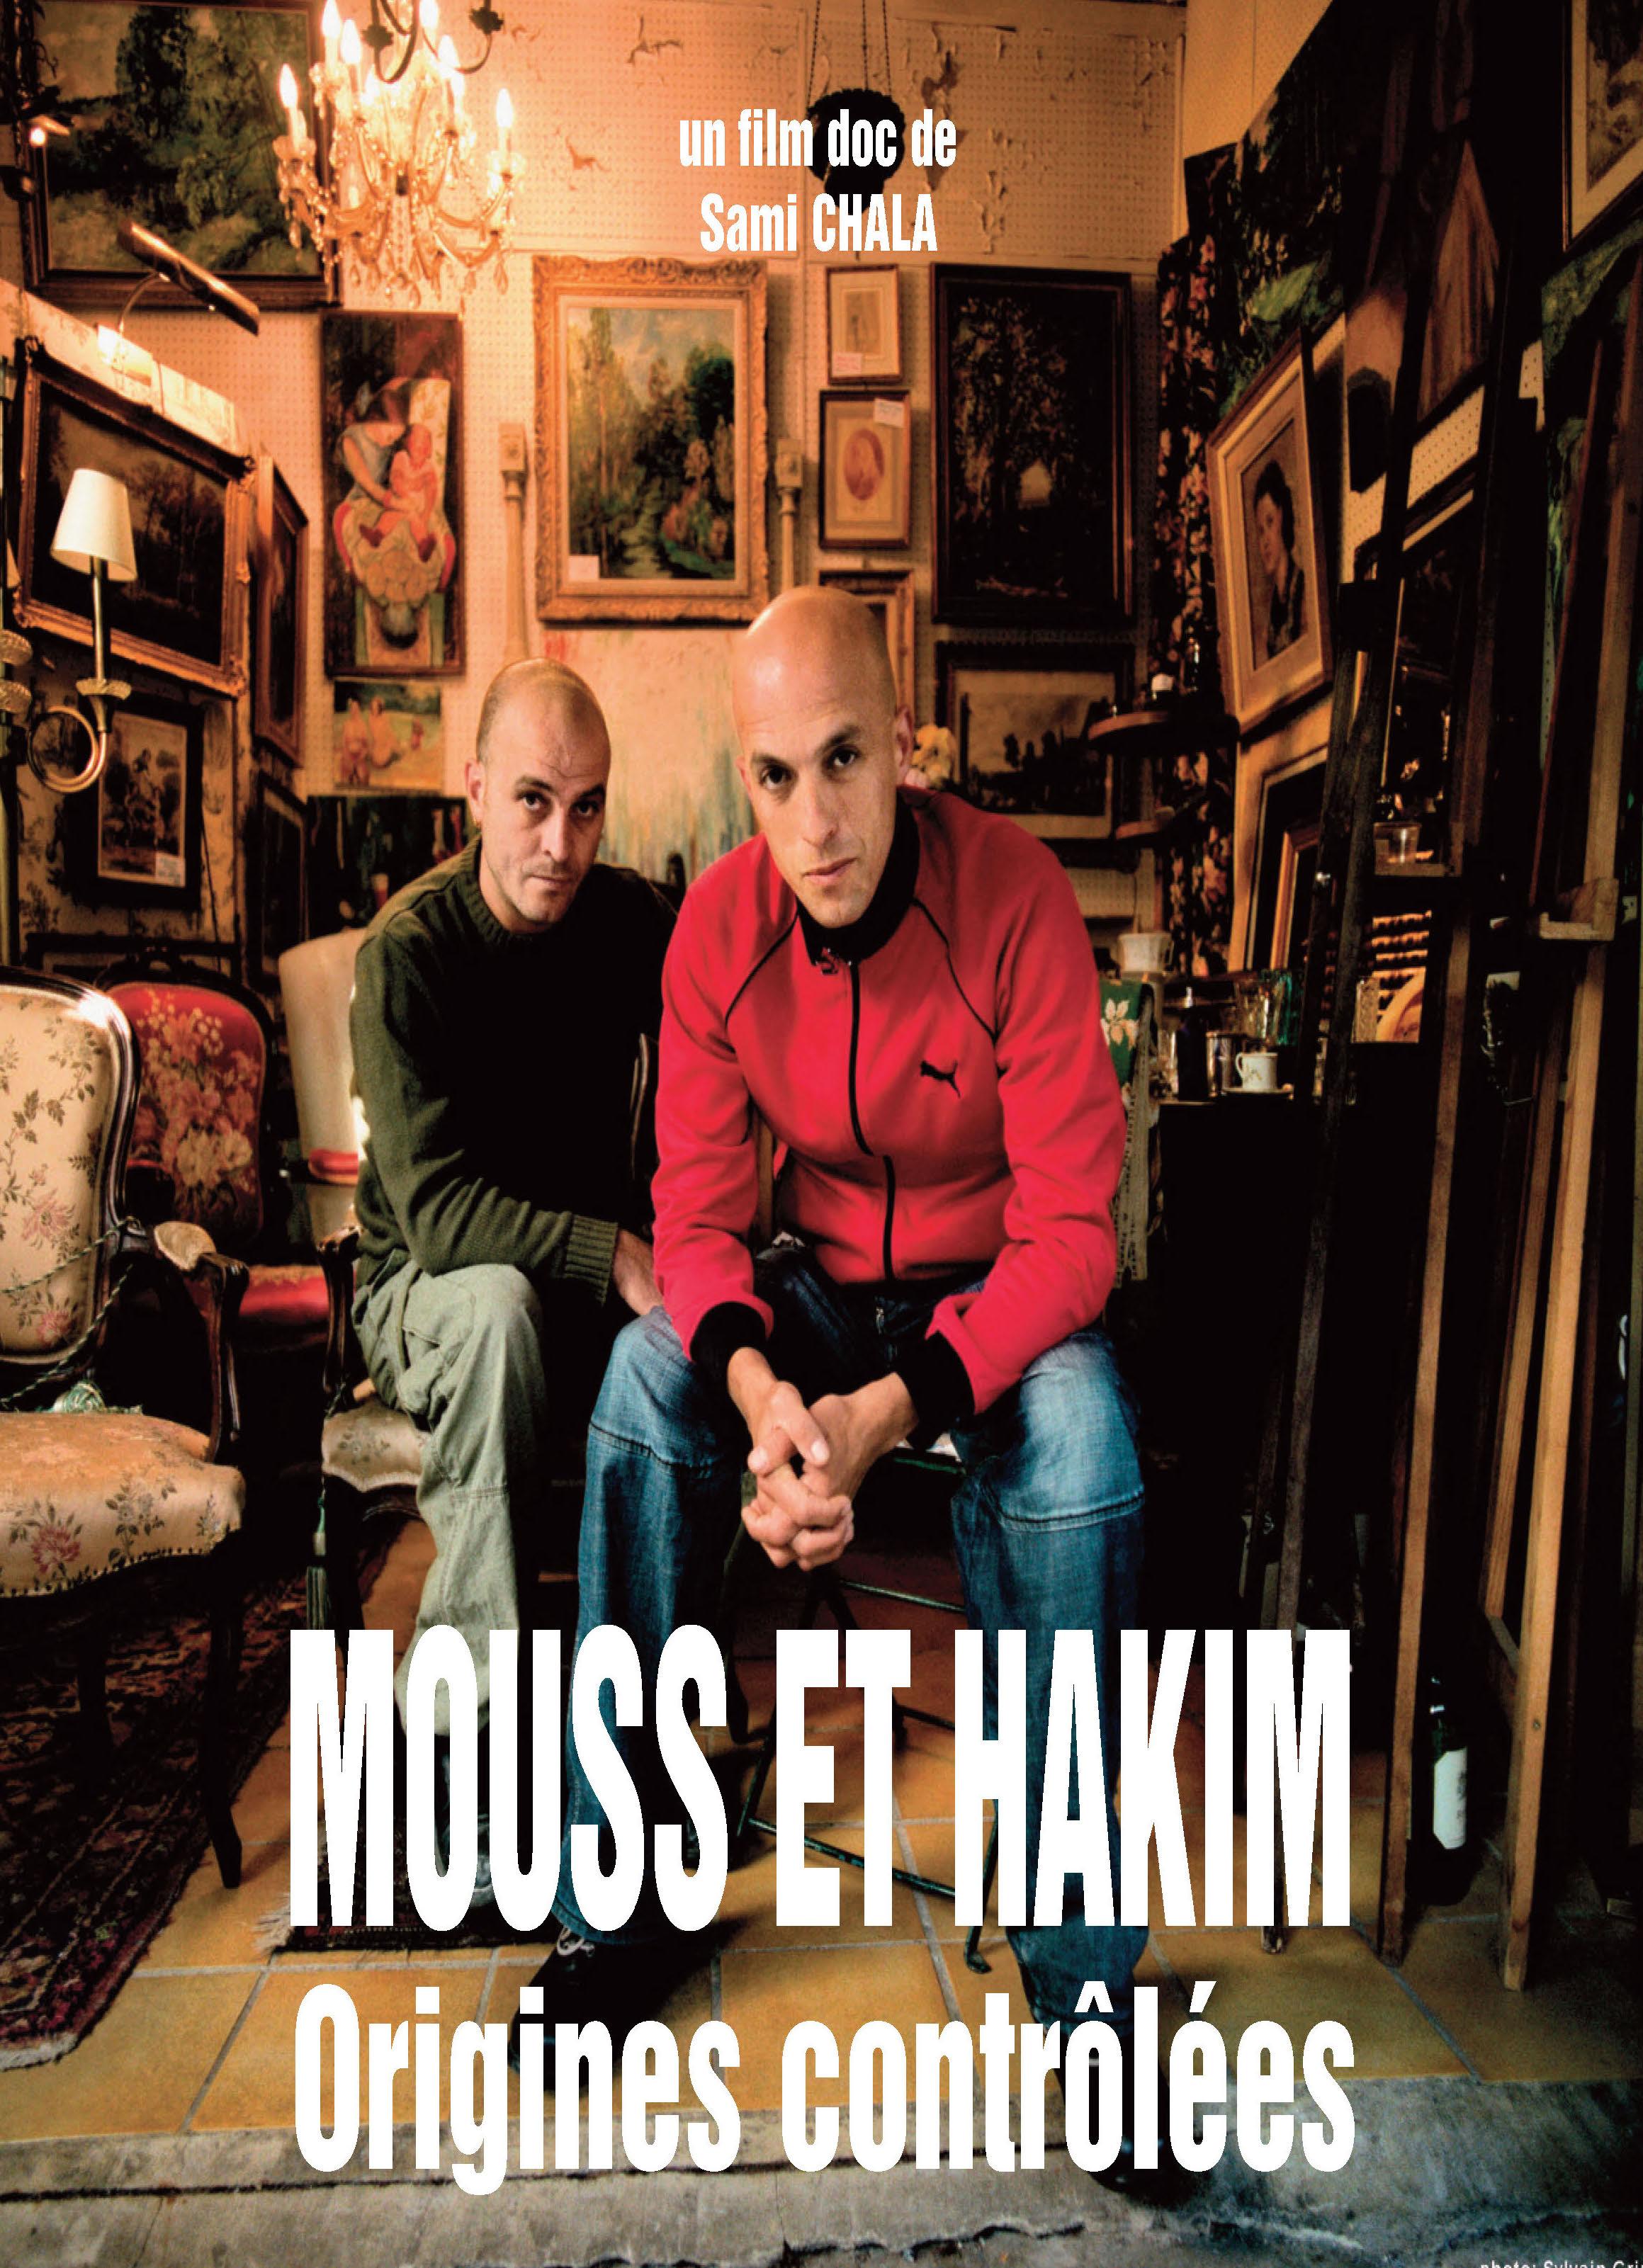 MOUSS ET HAKIM - Origines contrôlées